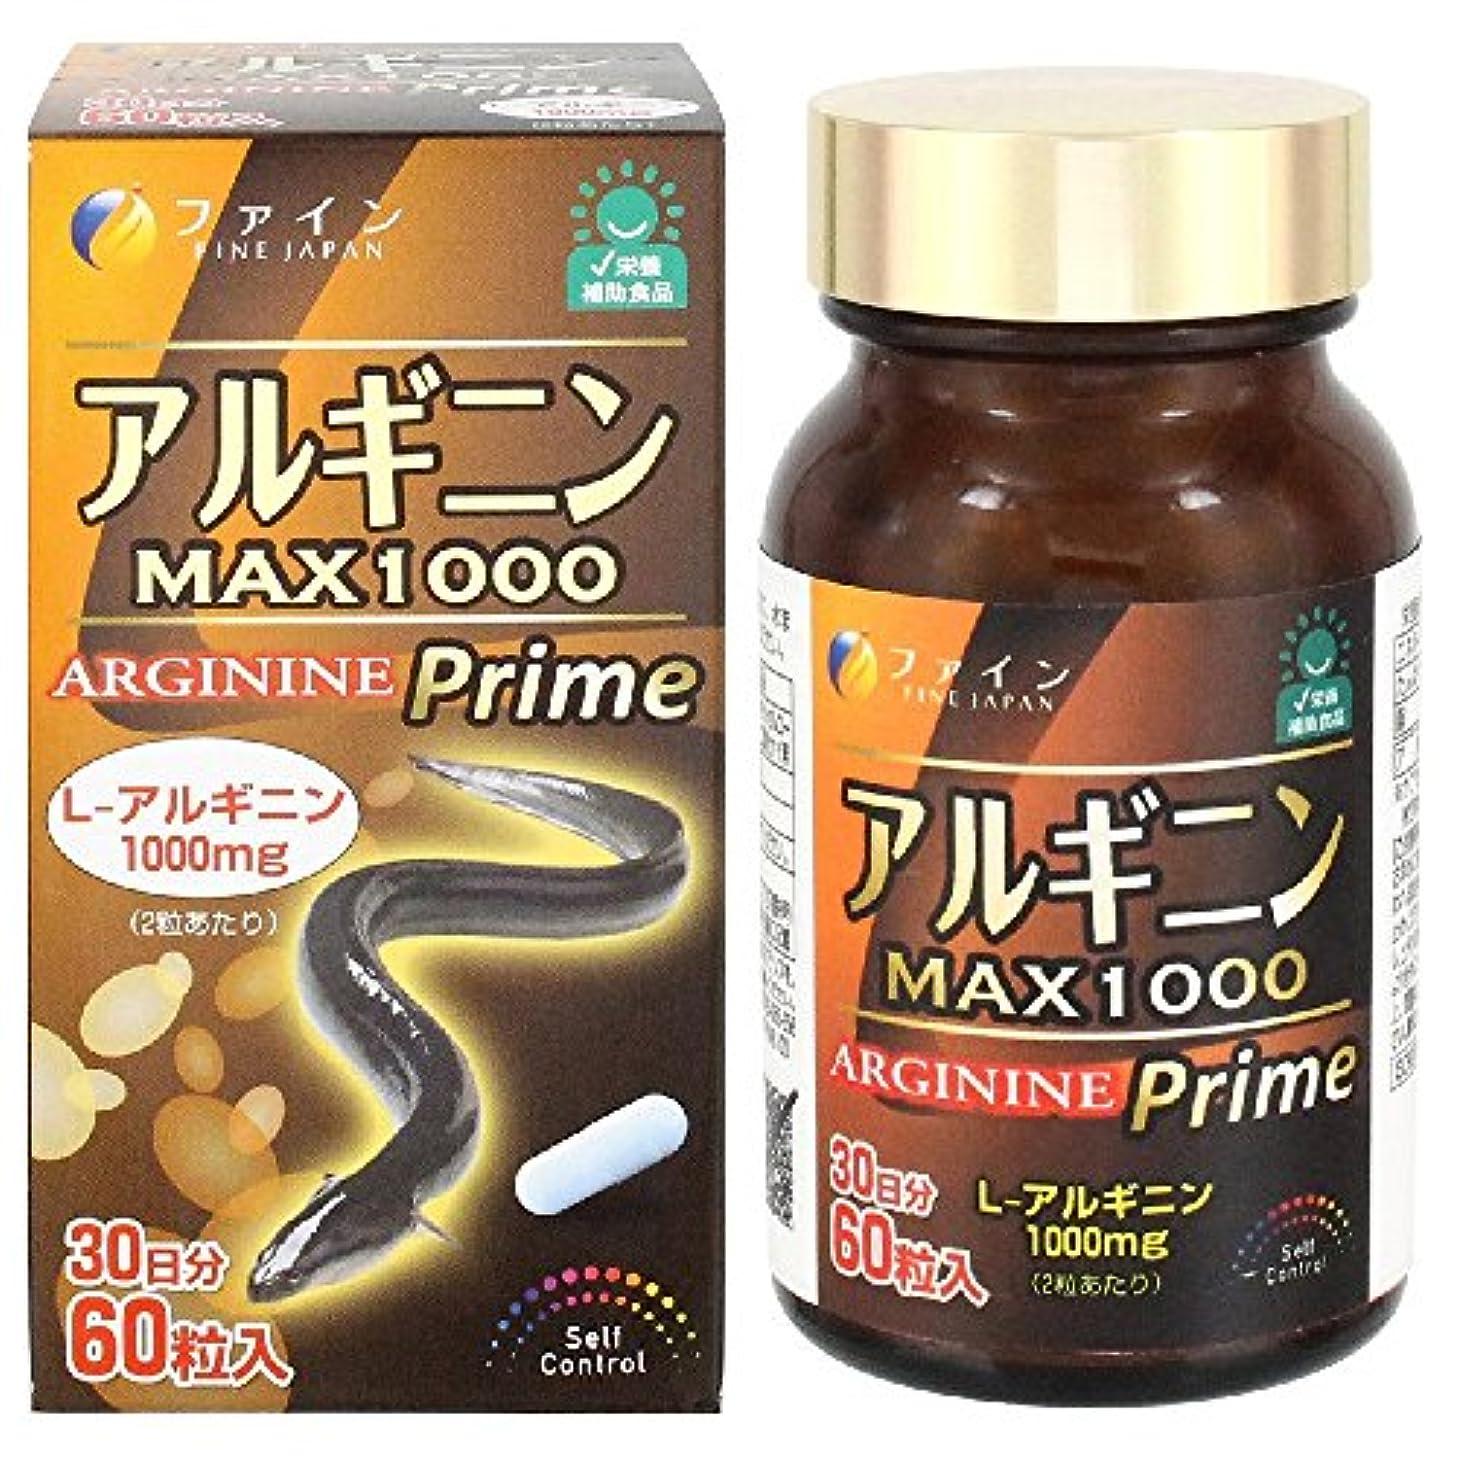 ピザたるみ丈夫ファイン アルギニンMAX1000 L-アルギニン1,000mg配合 30日分(1日2粒/60粒入)